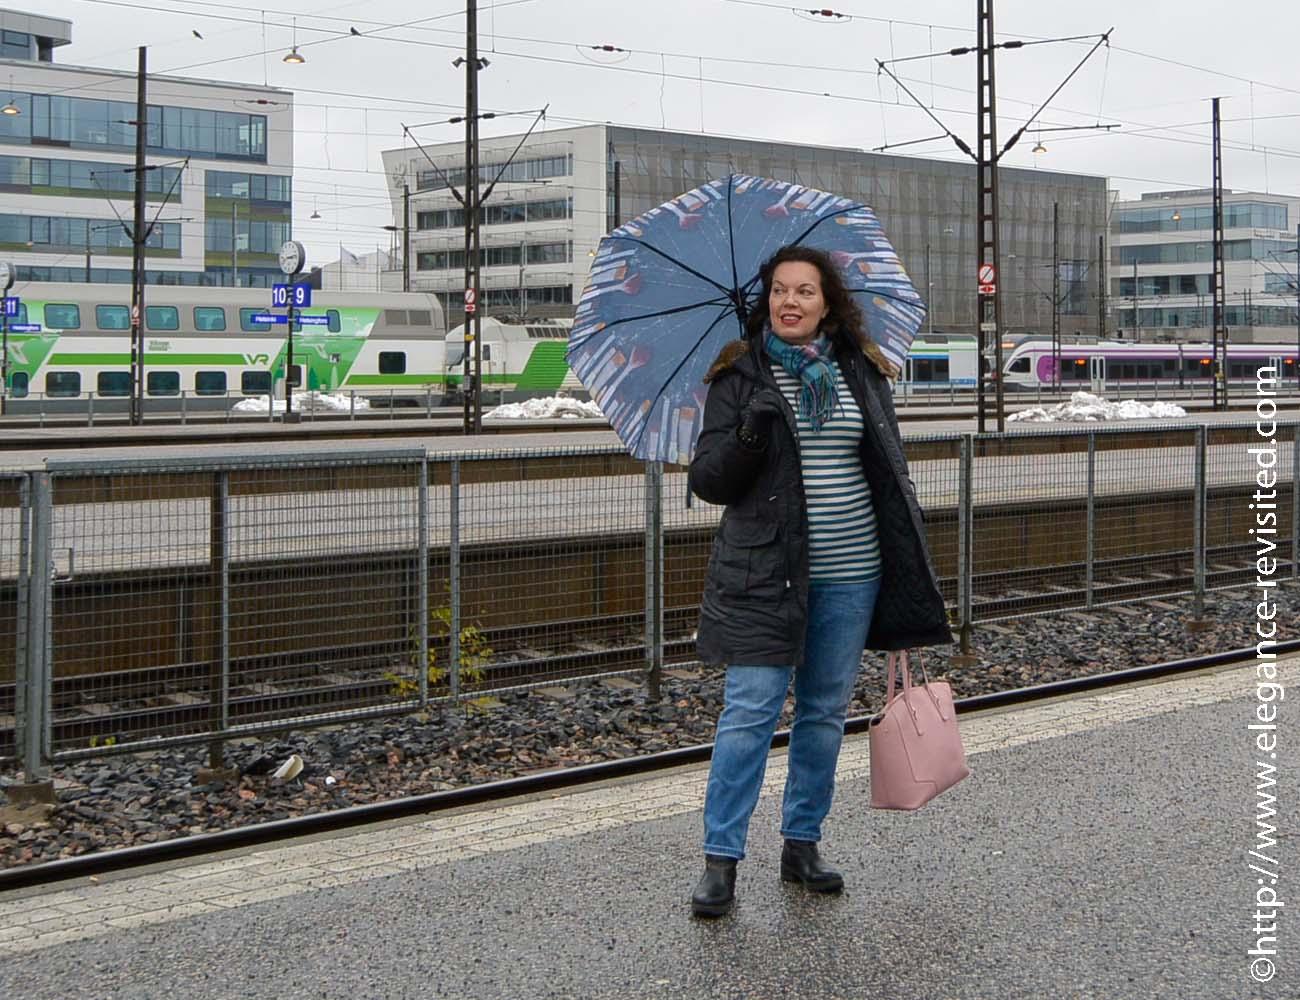 casual rain wear